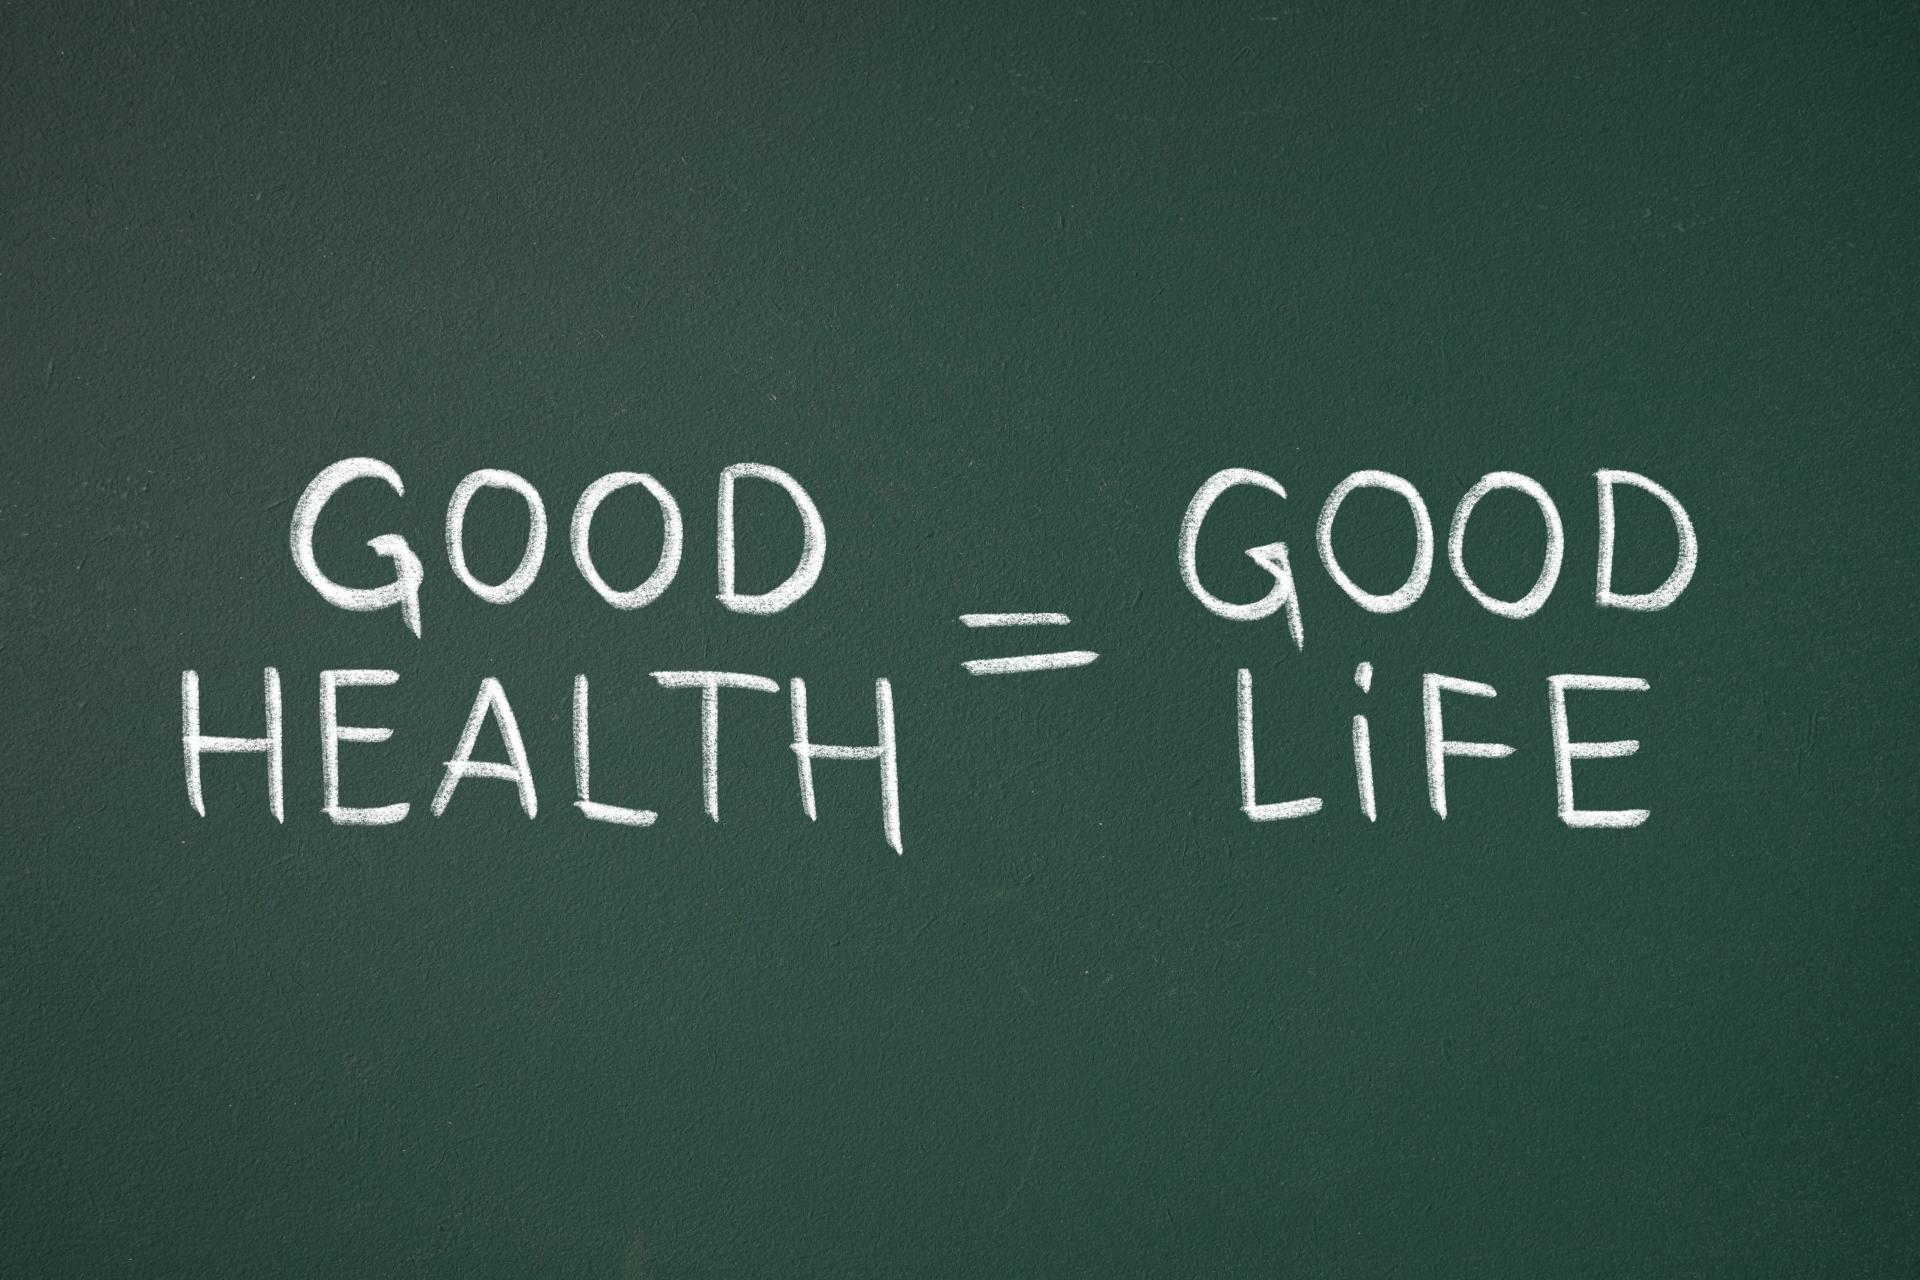 健康抜きには考えられない仕事と生活|ながらすたいる